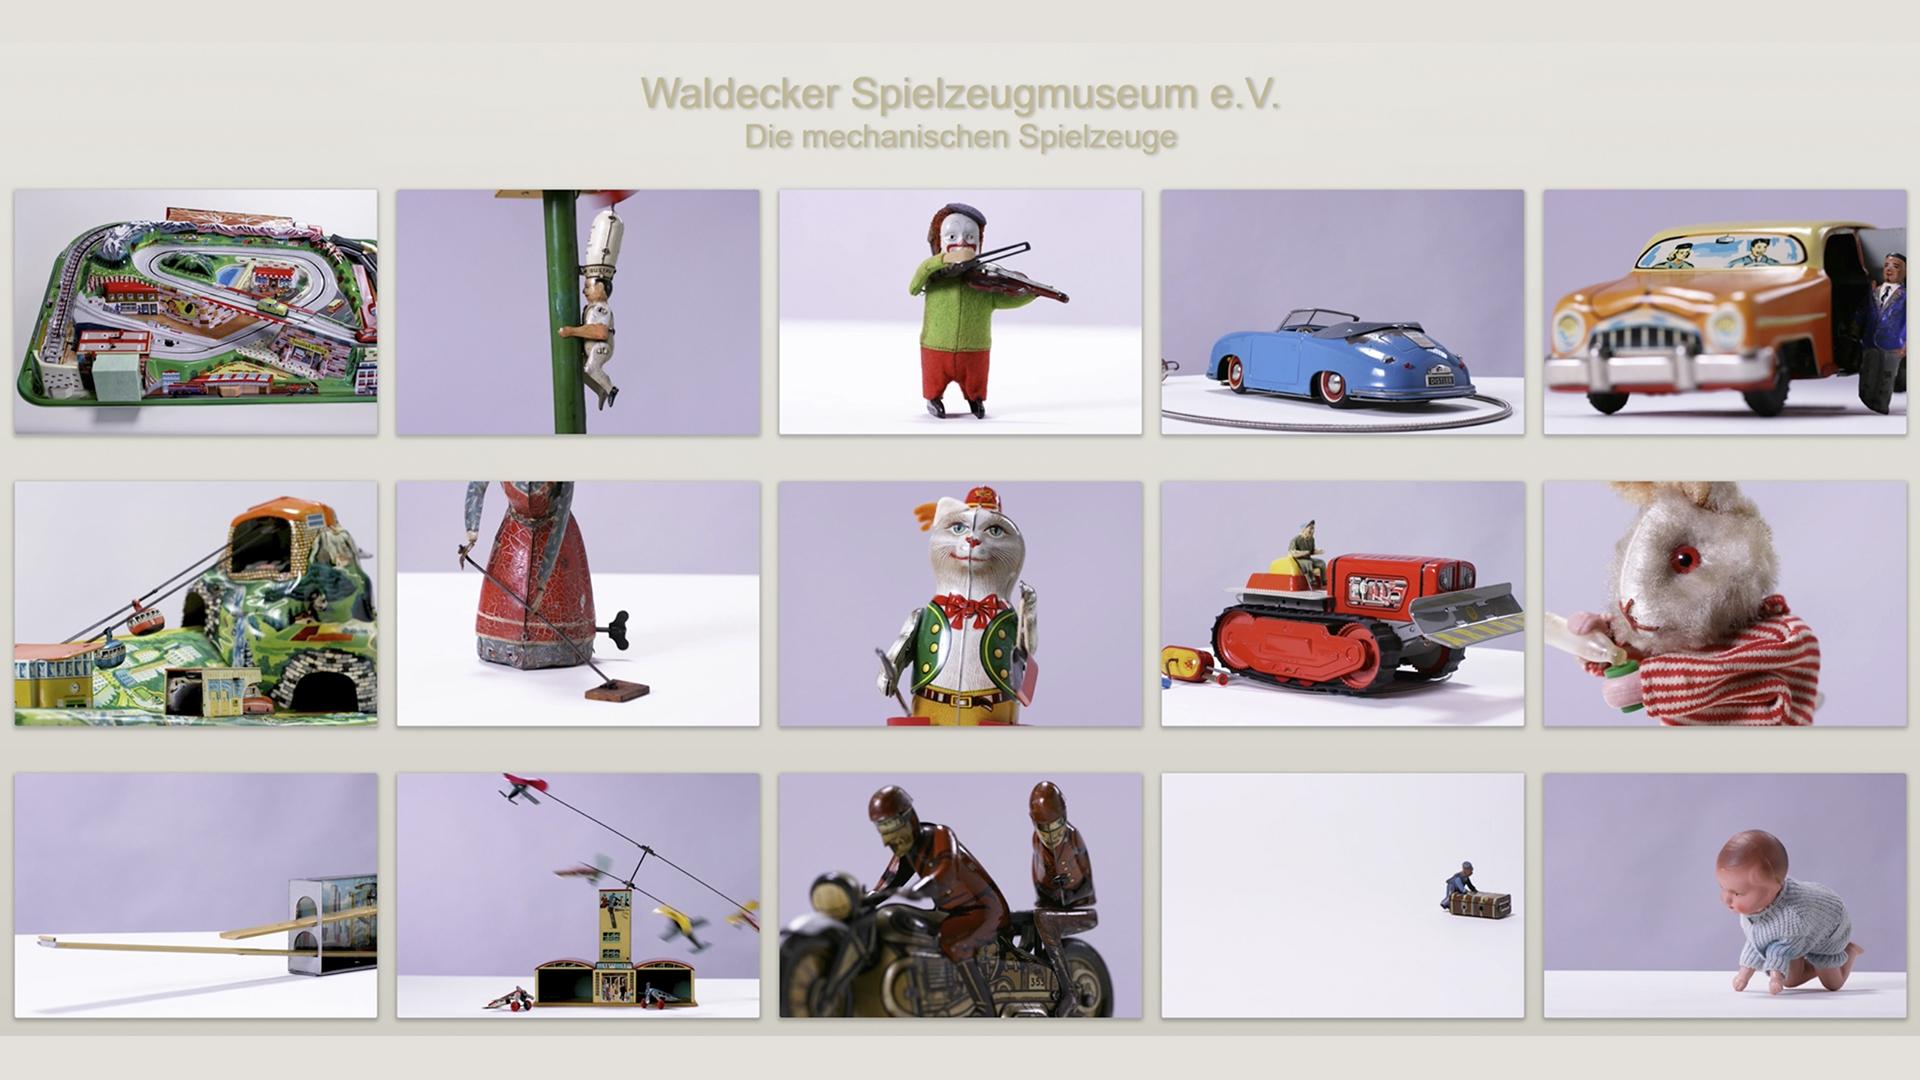 WALDECK_SPIELZEUGMUSEUM_zweisieben_bluelemon_3.jpg